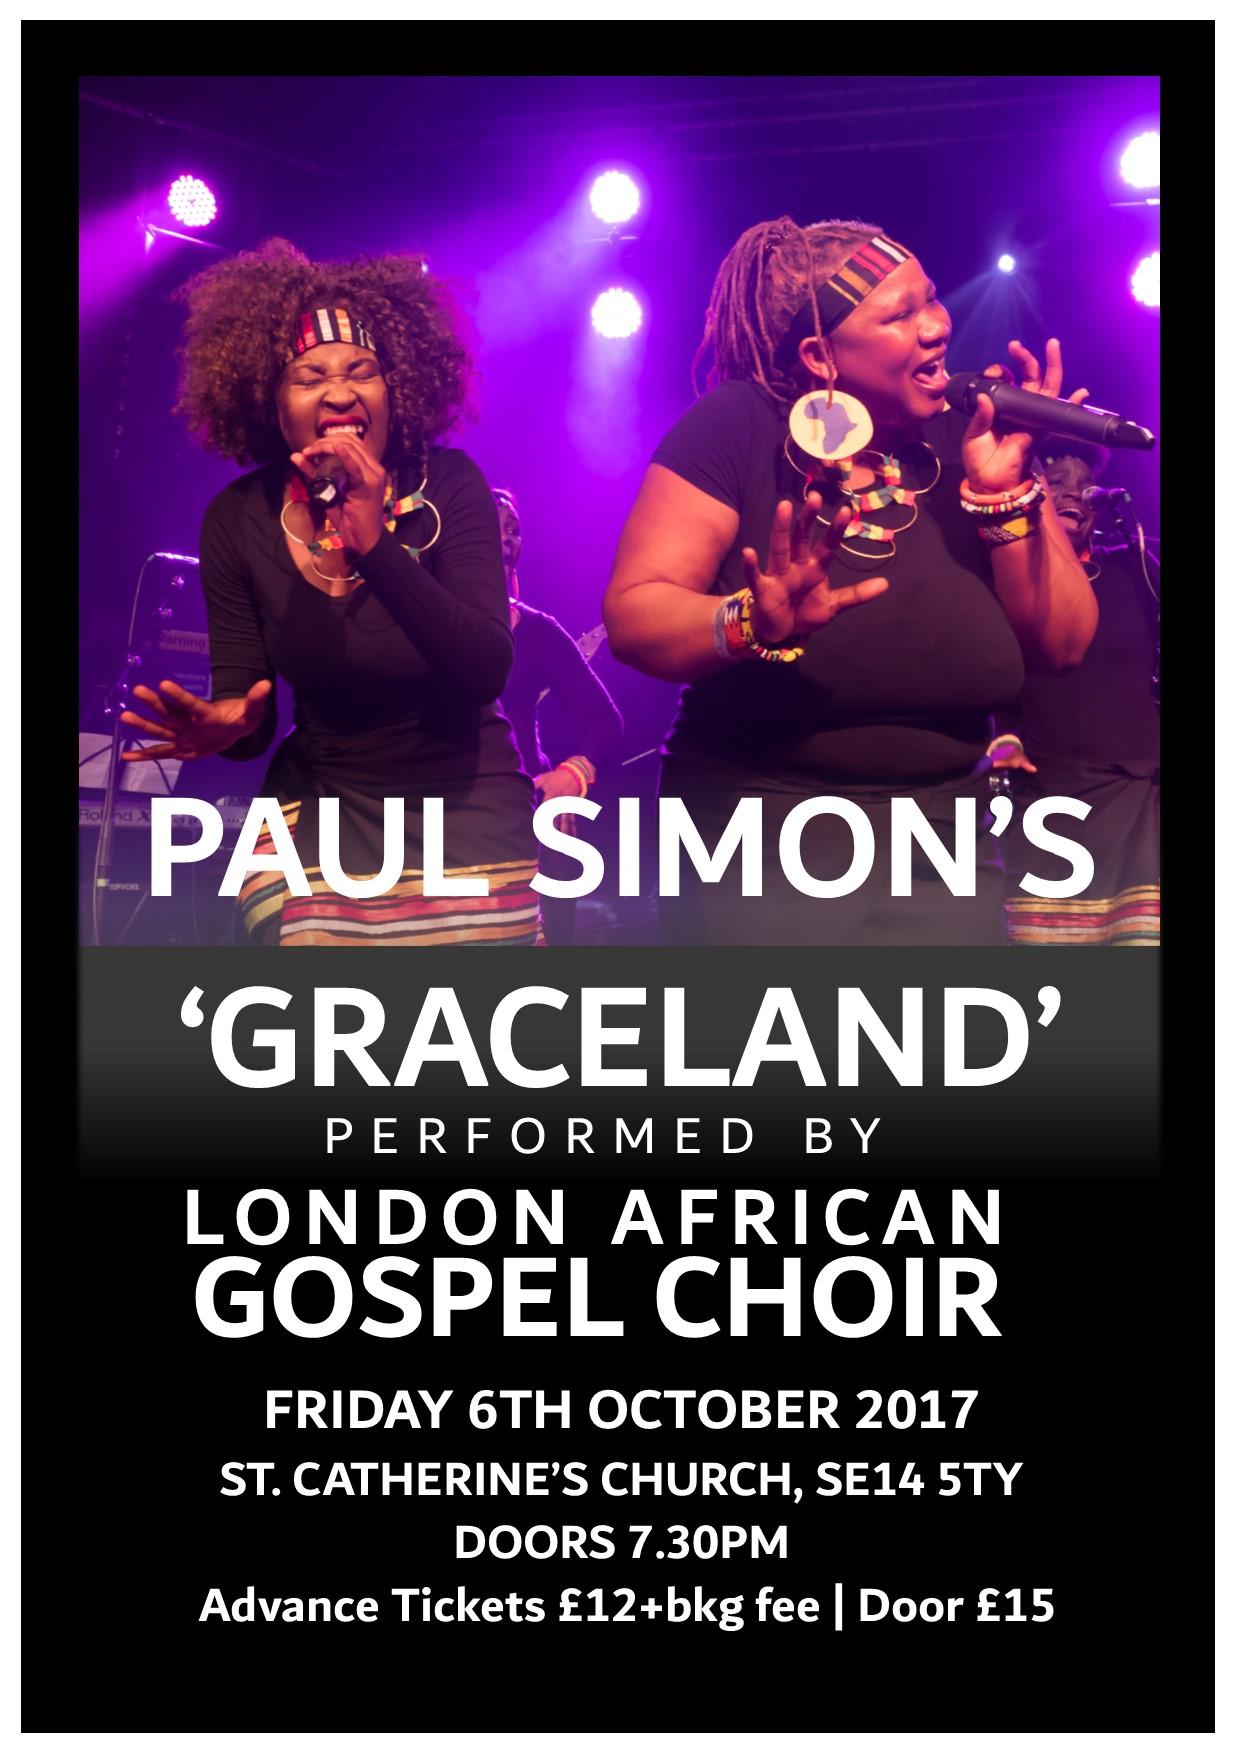 London African Gospel Choir on Telegraph Hill